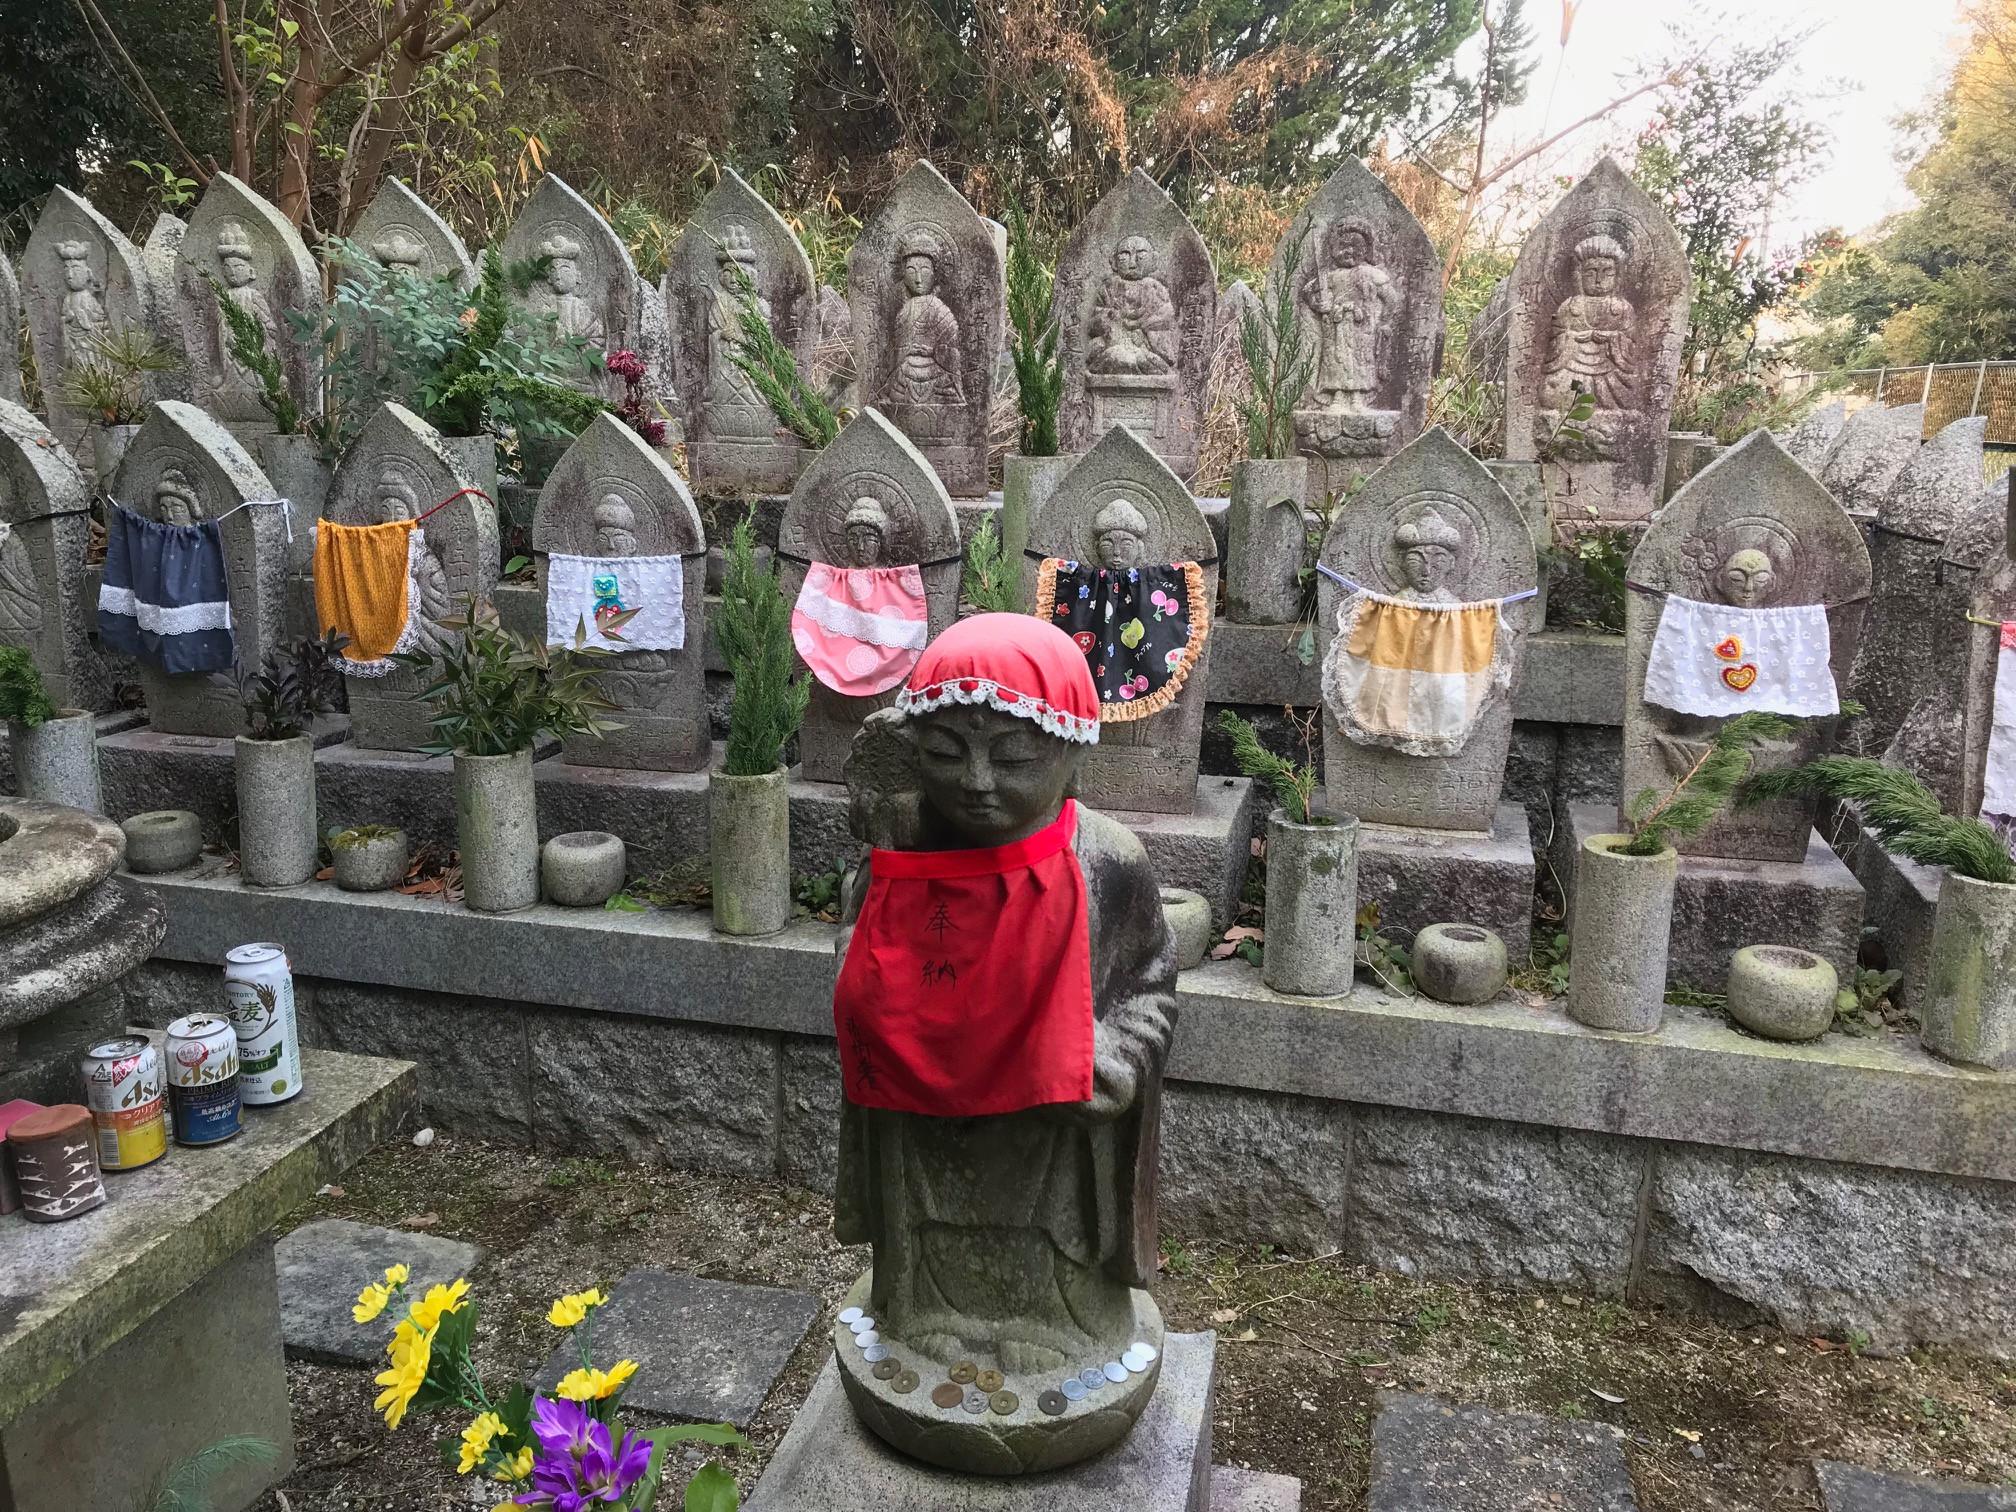 The Fujiwara Tombs of Uji